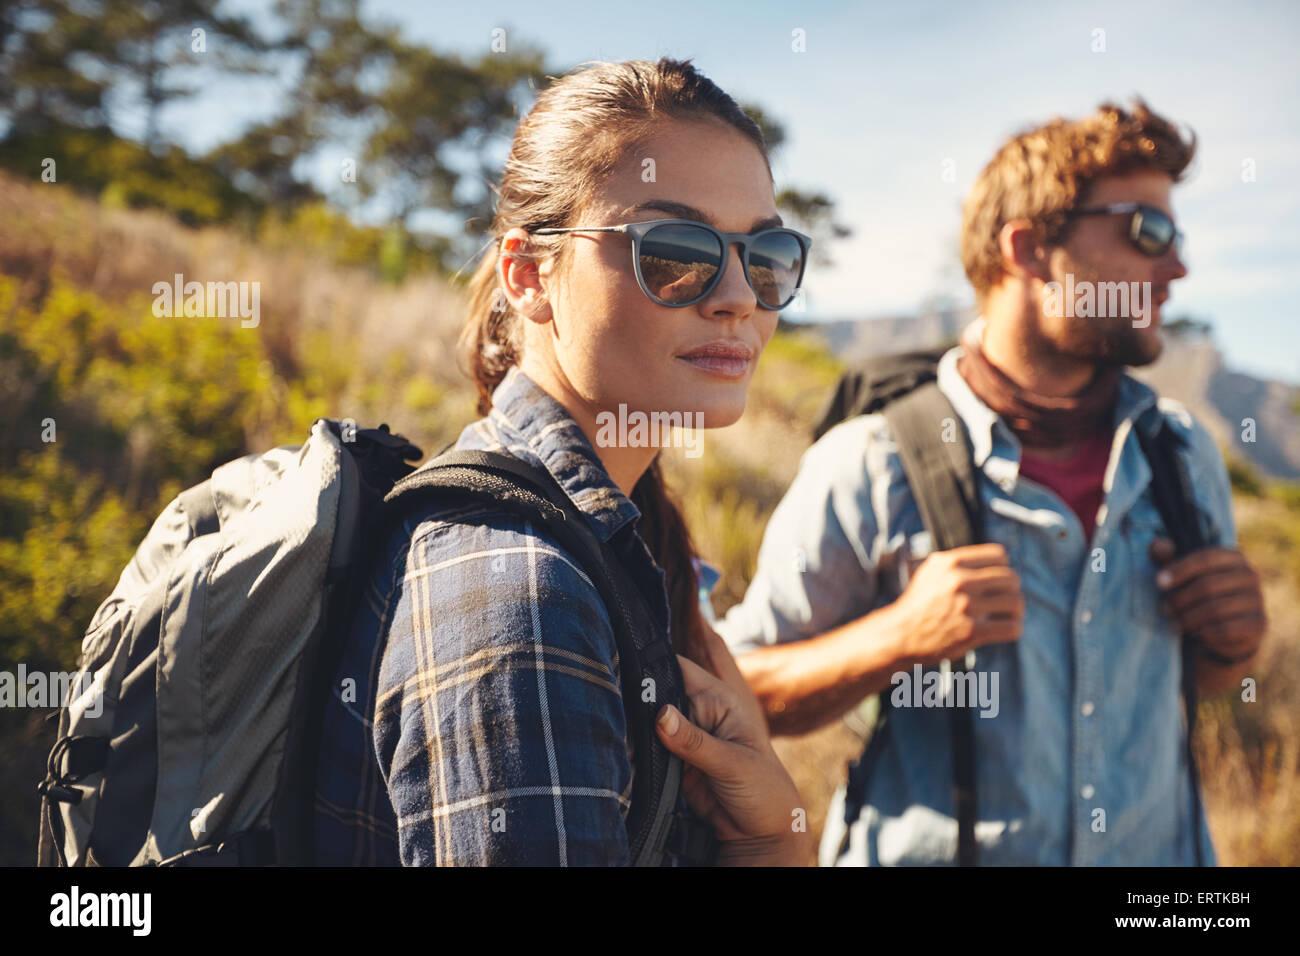 Hübsche junge Frau auf einer Wanderung mit Mann im Hintergrund. Kaukasische paar Wanderung in Landschaft Stockbild